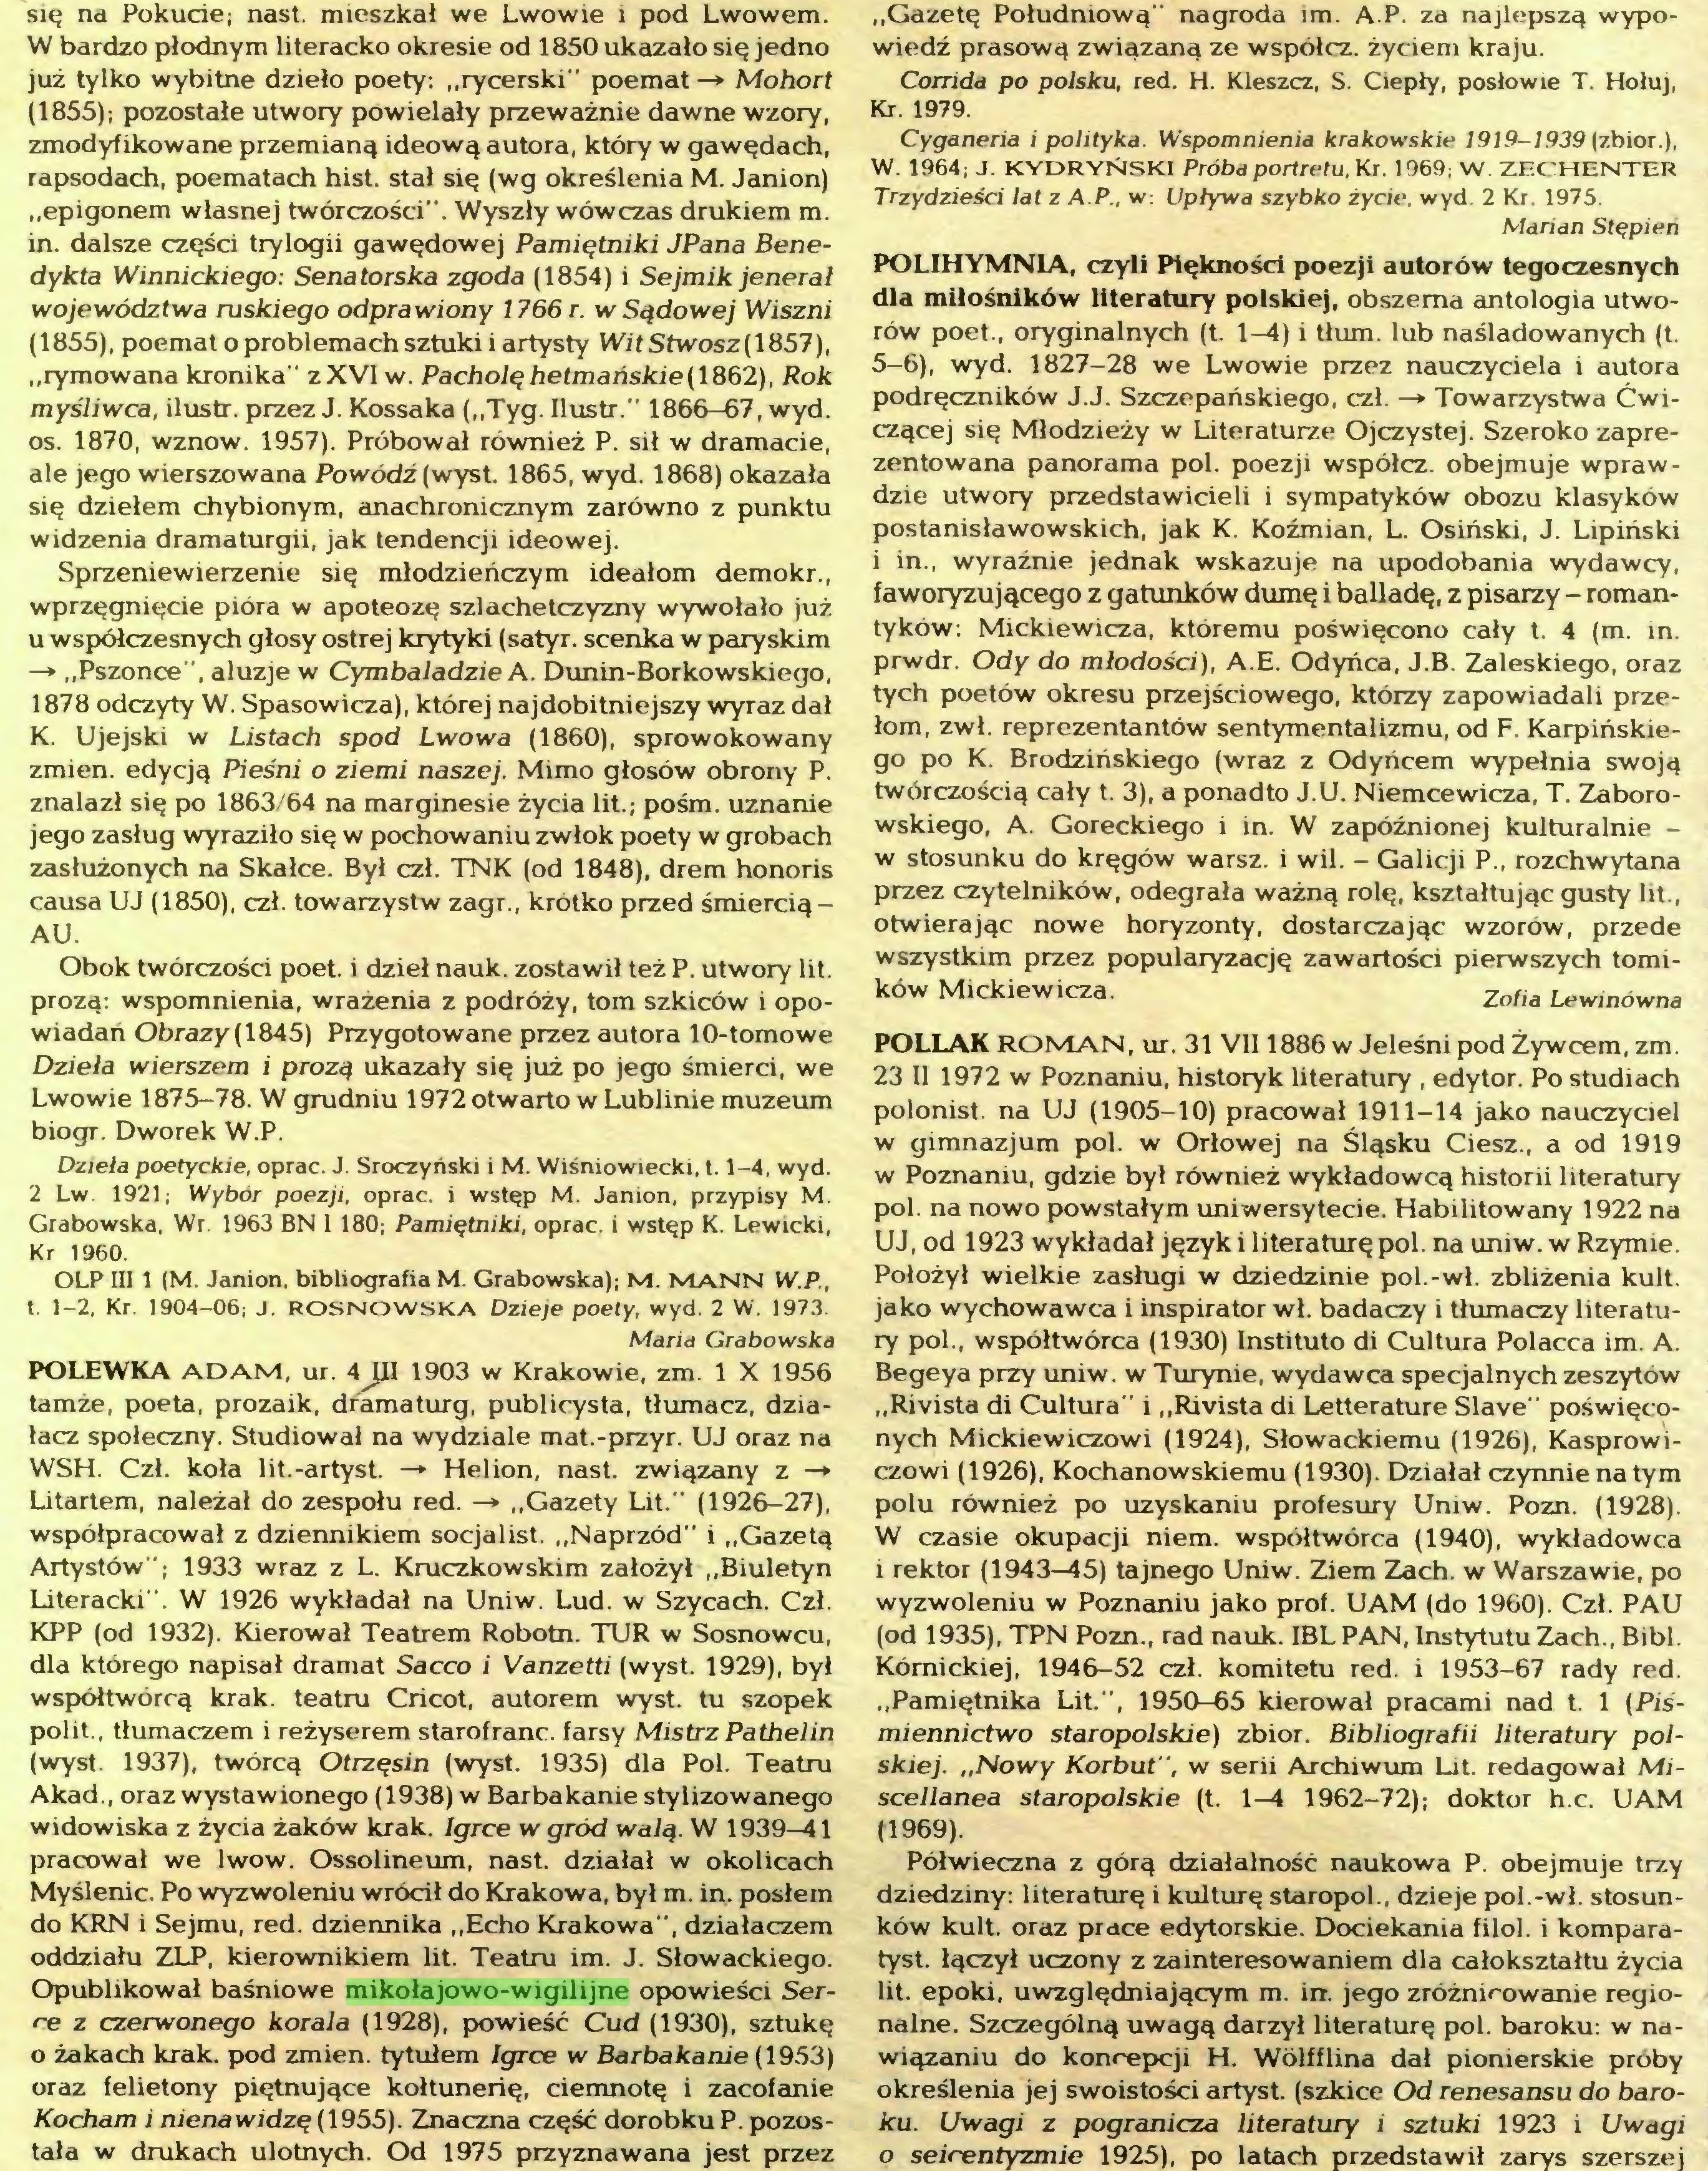 """(...) Opublikował baśniowe mikołajowo-wigilijne opowieści Serce z czerwonego korala (1928), powieść Cud (1930), sztukę o żakach krak. pod zmień, tytułem Igrce w Barbakanie (1953) oraz felietony piętnujące kołtunerię, ciemnotę i zacofanie Kocham i nienawidzę (1955). Znaczna część dorobku P. pozostała w drukach ulotnych. Od 1975 przyznawana jest przez """"Gazetę Południową"""" nagroda im. A.P. za najlepszą wypowiedź prasową związaną ze współcz. życiem kraju..."""